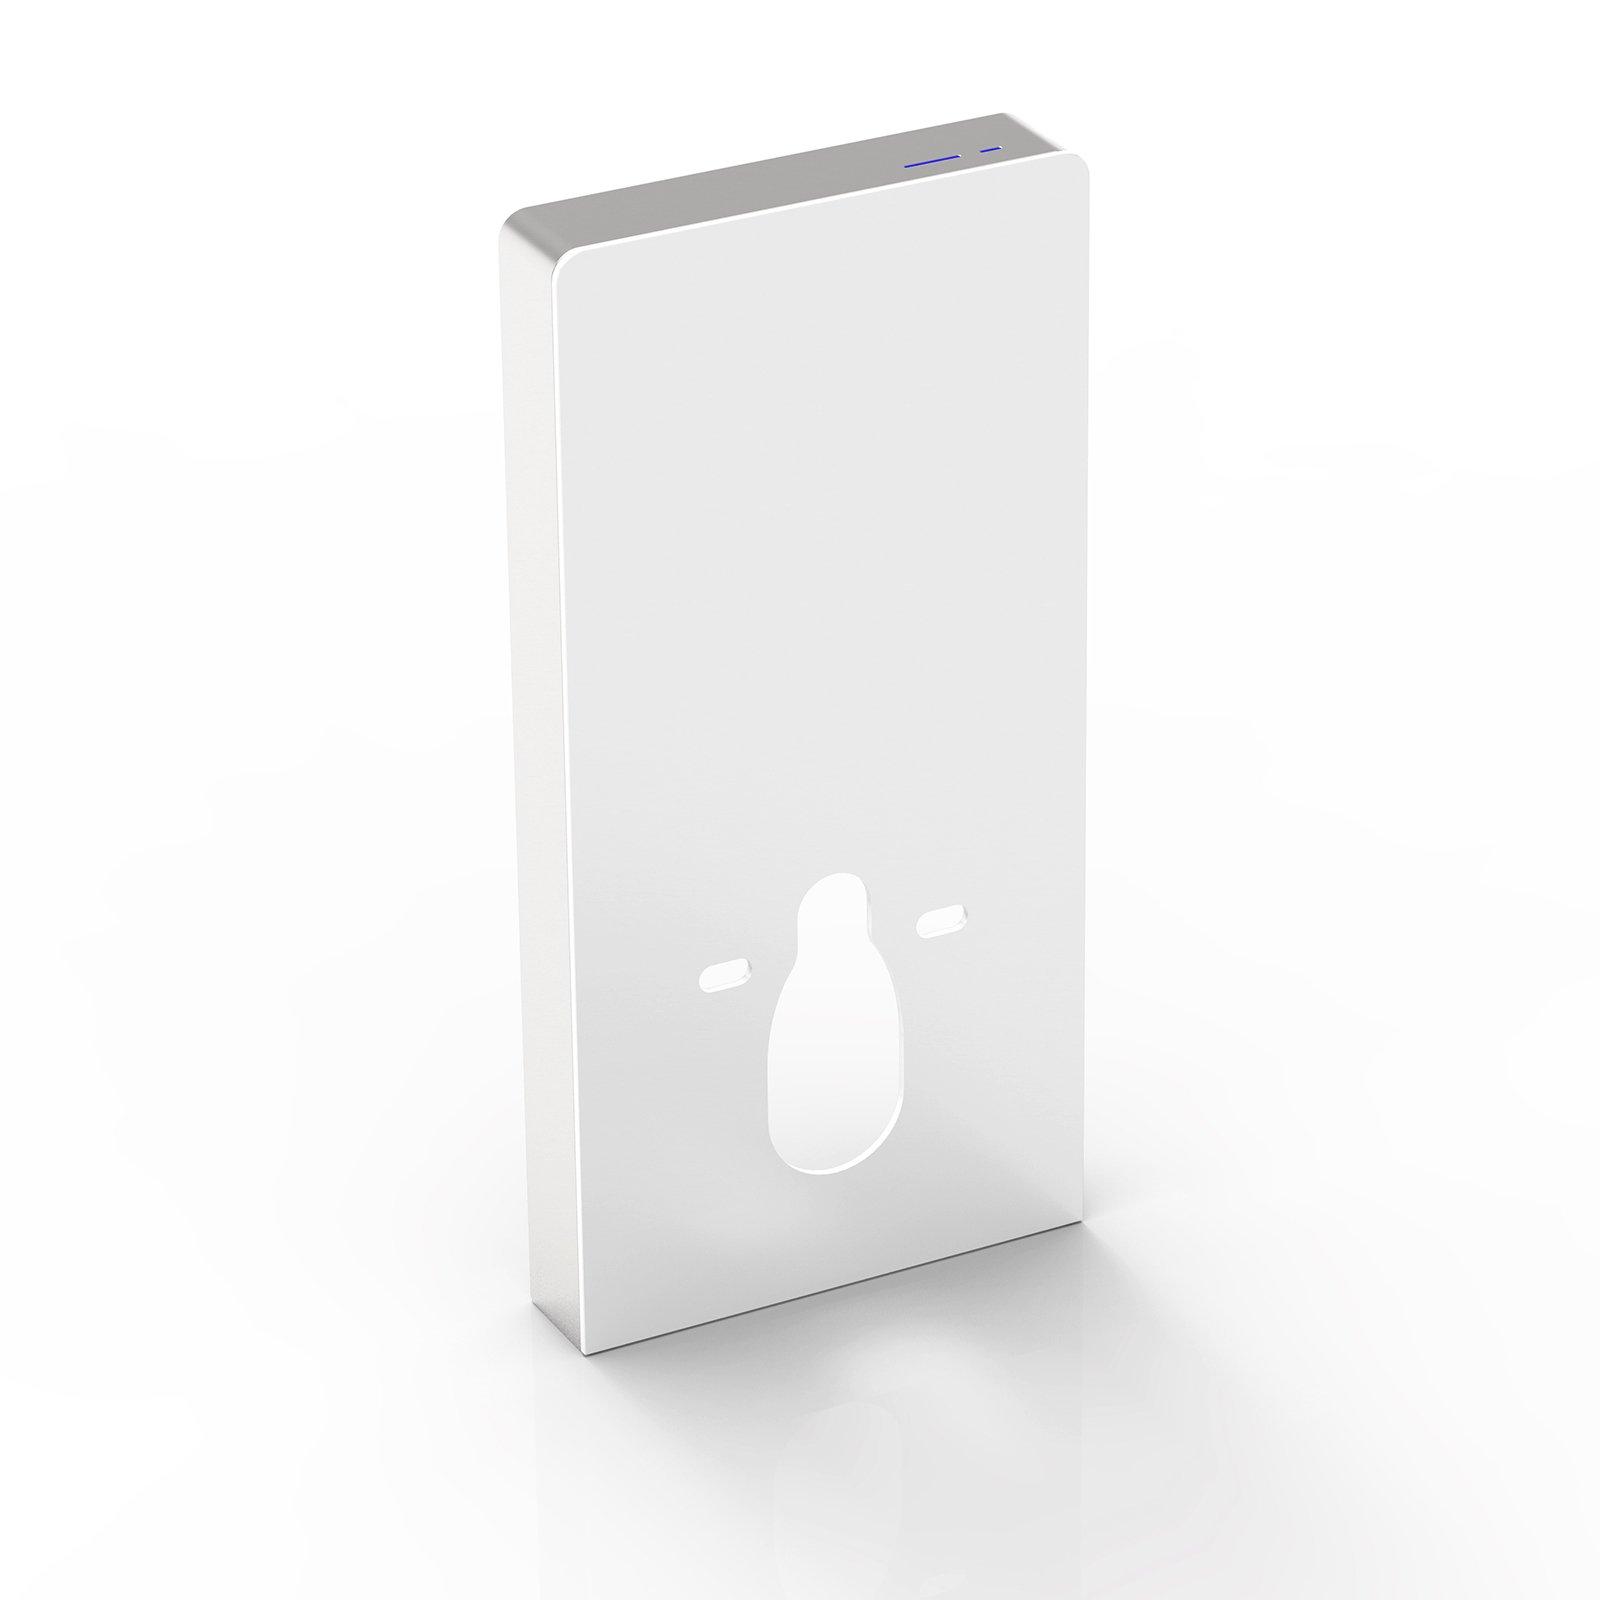 Sanitärmodul 805S mit Sensor für Wand-WC - Farbe Weiß oder Schwarz wählbar